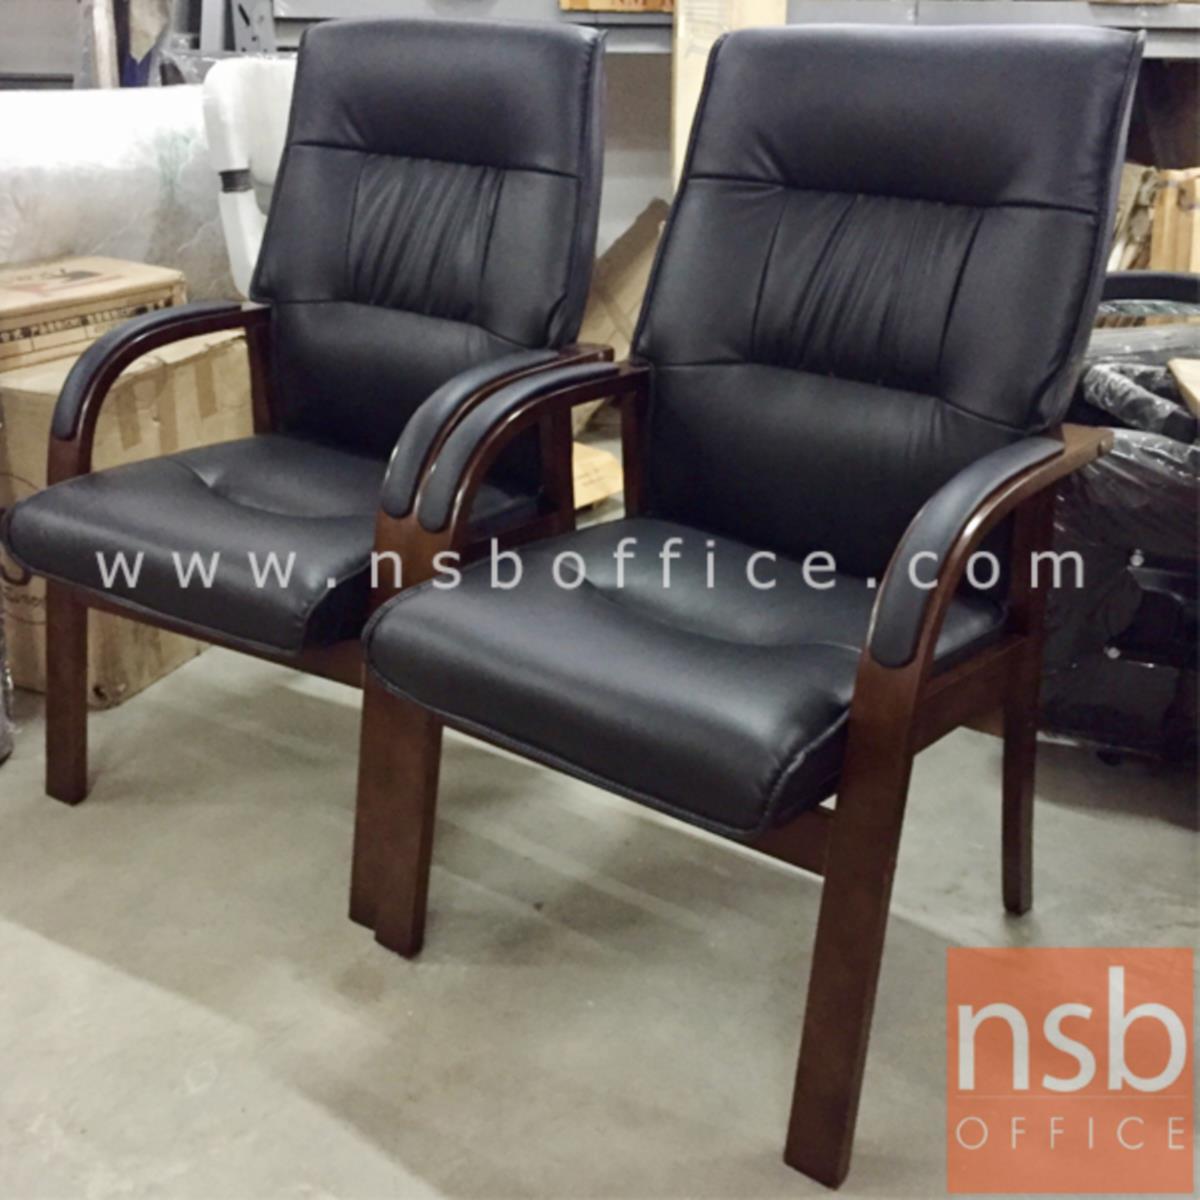 เก้าอี้ผู้บริหารหนังเทียม รุ่น Barisford (แบริสฟอร์ต)  ขาไม้